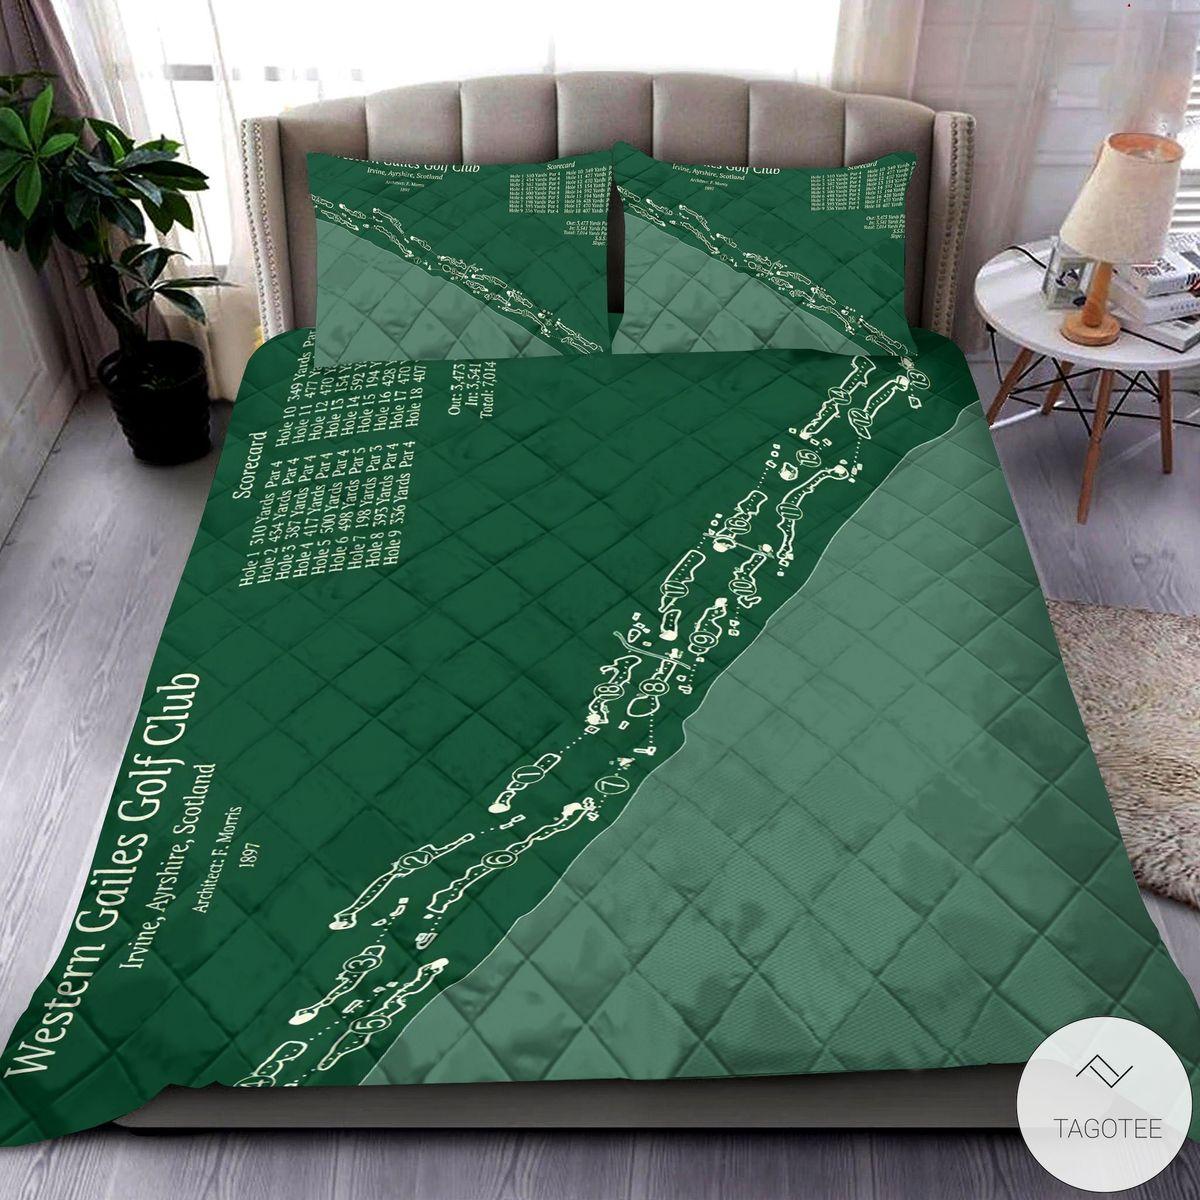 Western Gailes Golf Club Map 3D Quilt Bedding Set